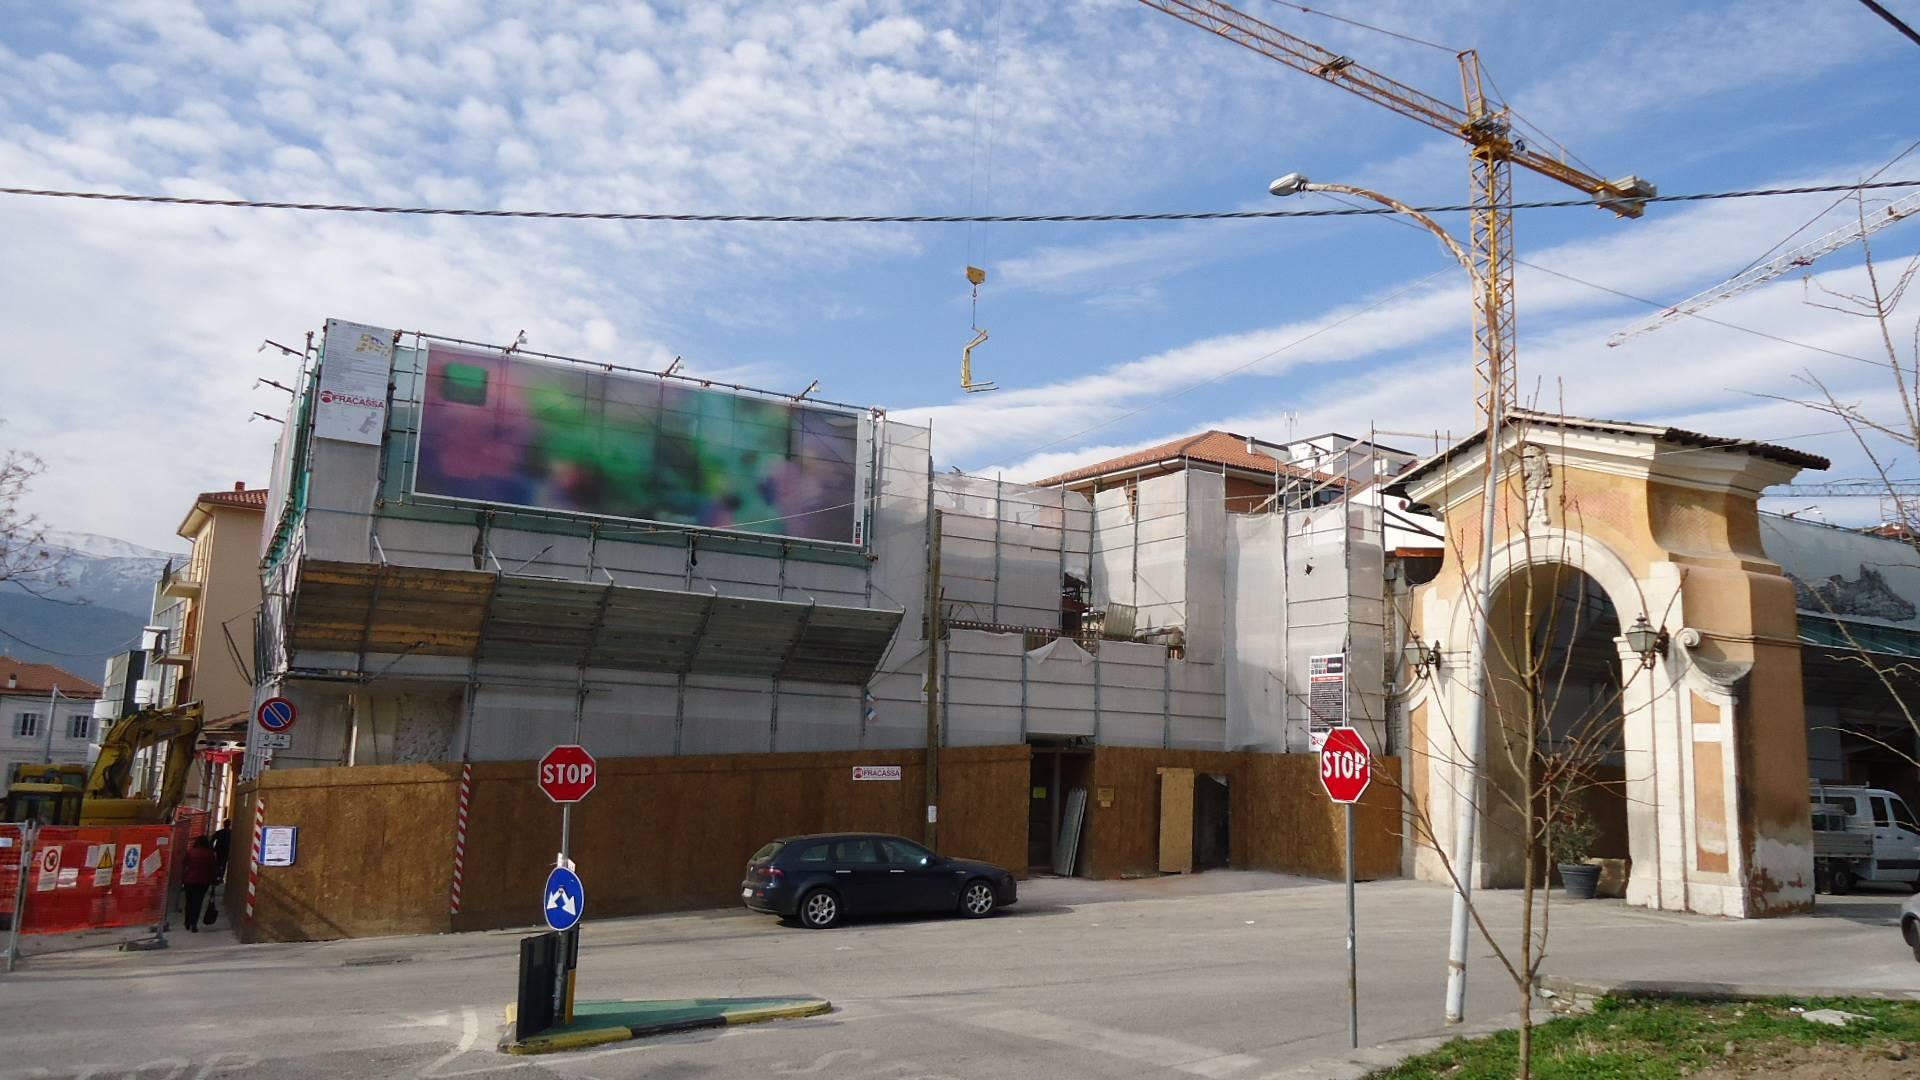 Soluzione Indipendente in vendita a L'Aquila, 3 locali, zona Località: Centrostorico, prezzo € 255.000 | CambioCasa.it